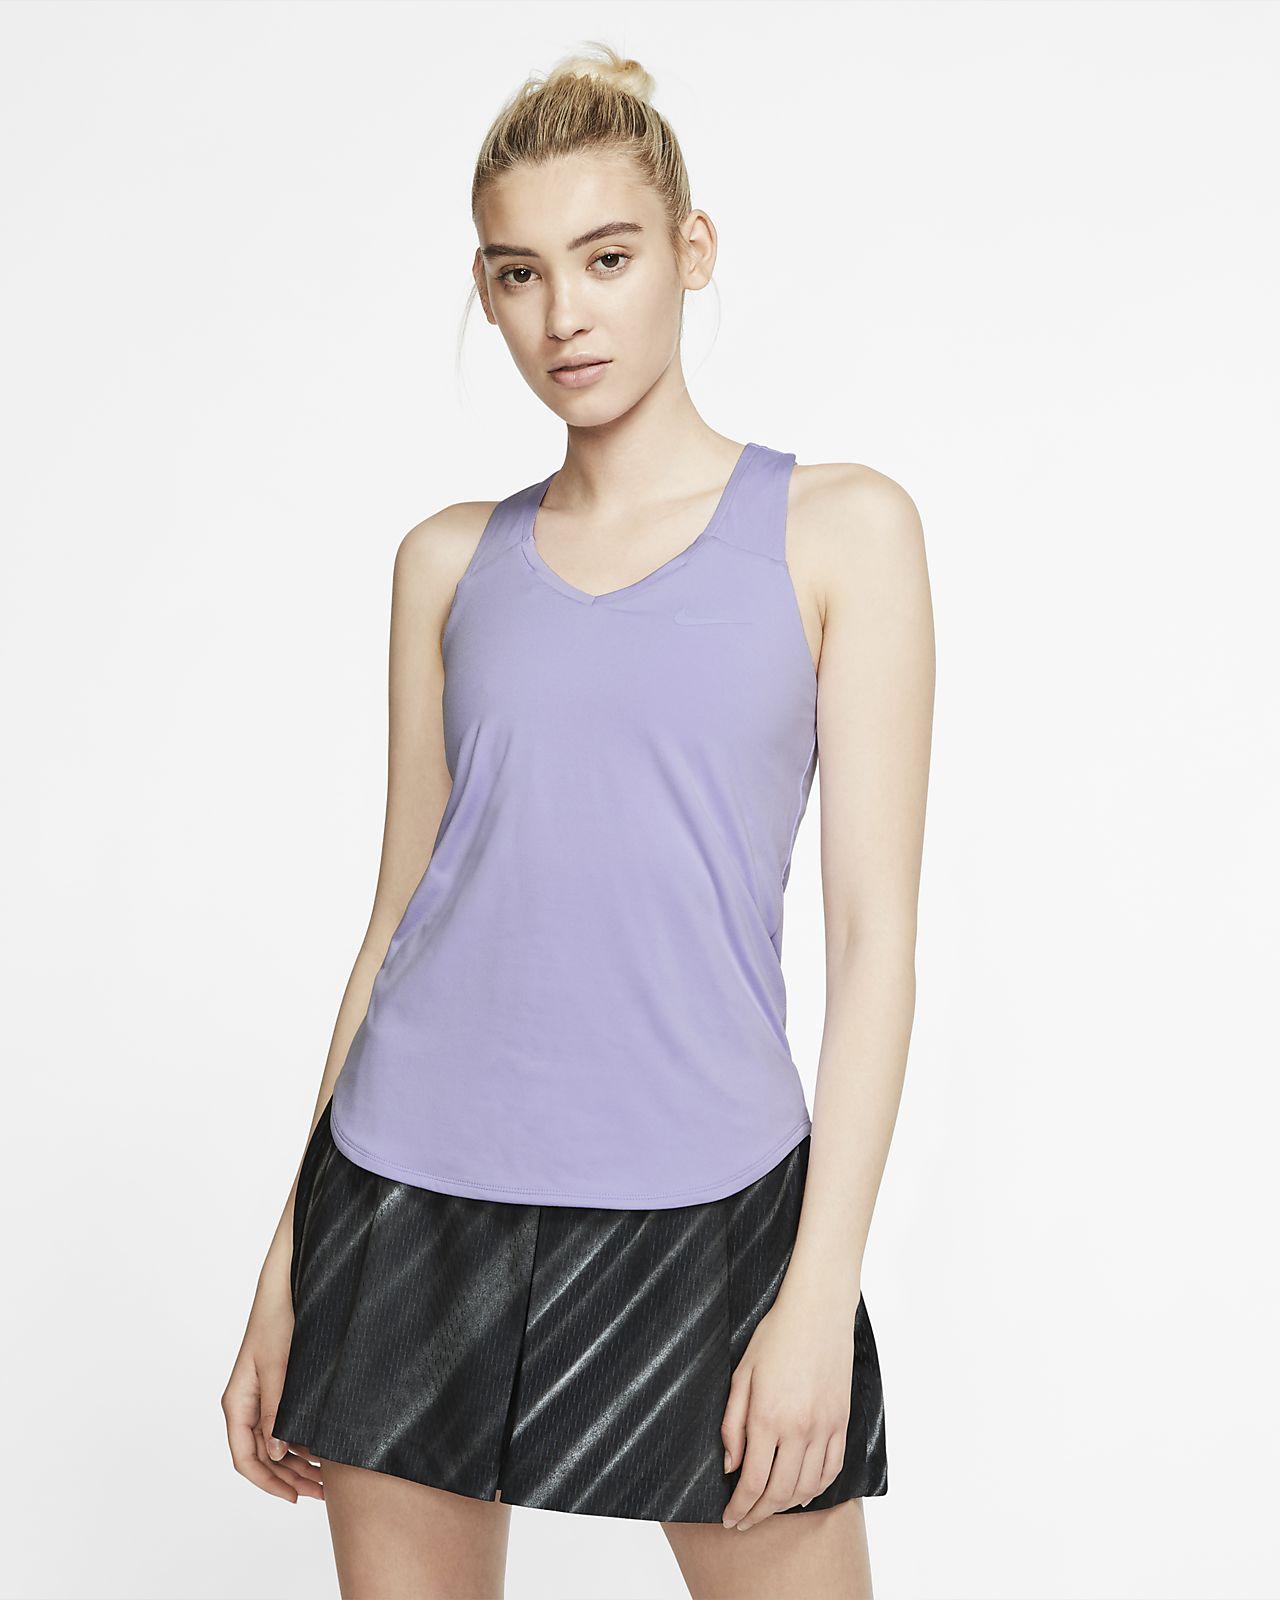 Camisola de ténis sem mangas NikeCourt Team Pure para mulher